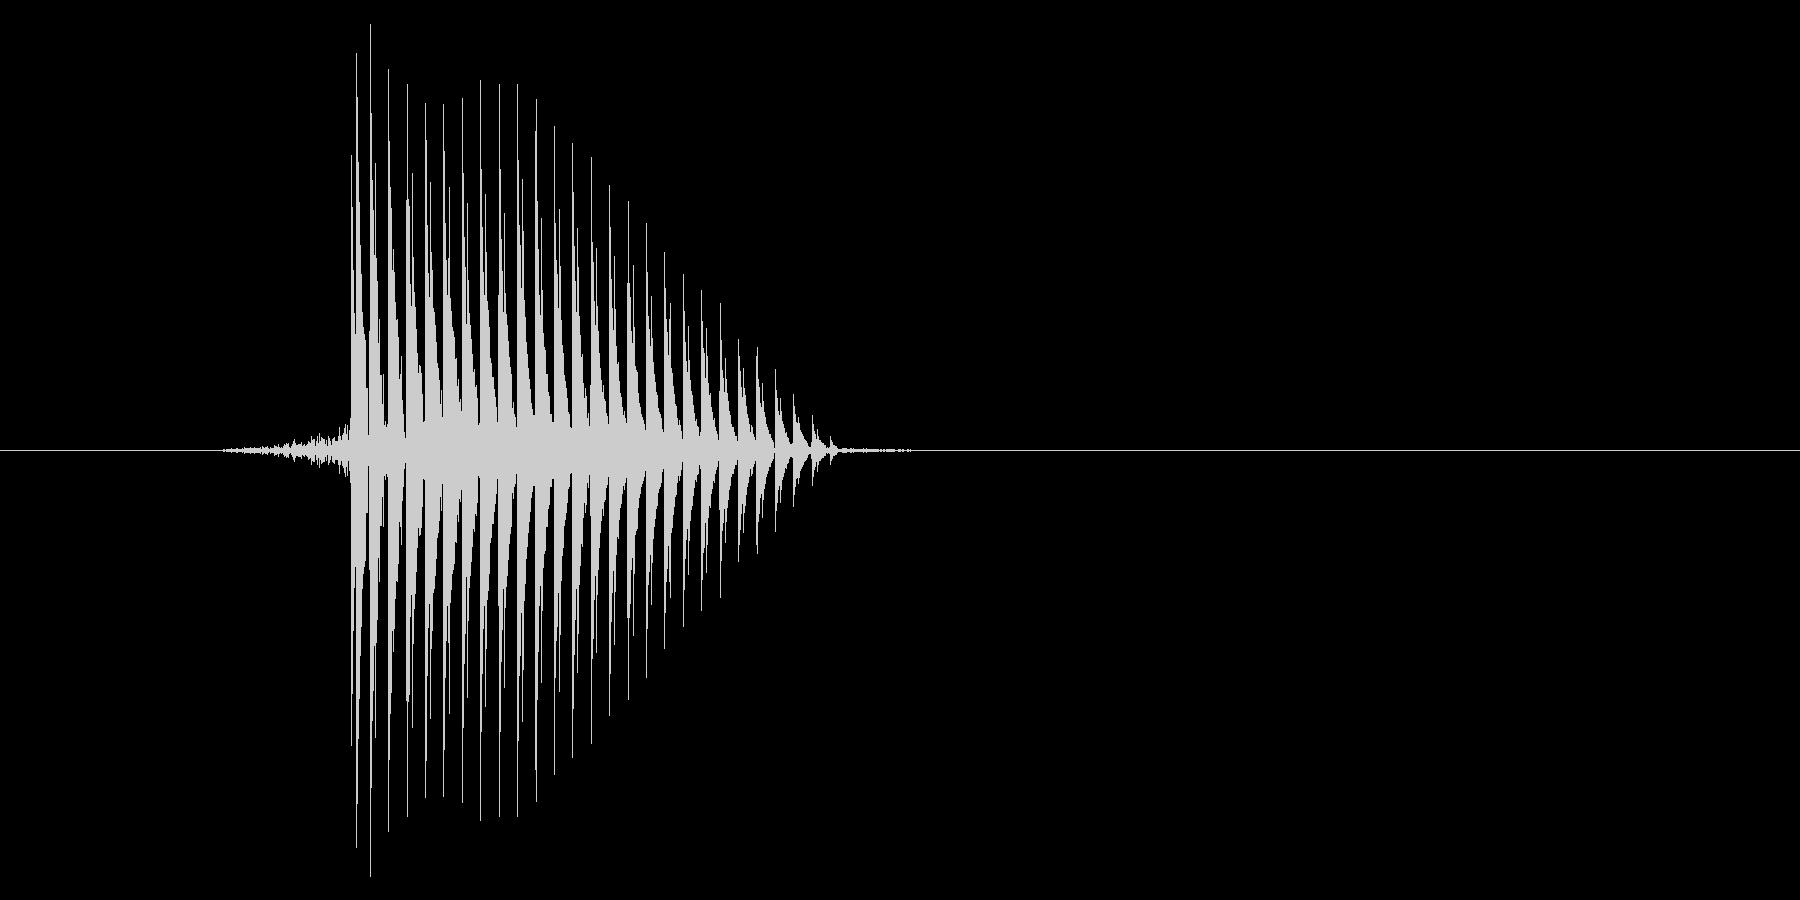 ゲーム(ファミコン風)セレクト音_050の未再生の波形